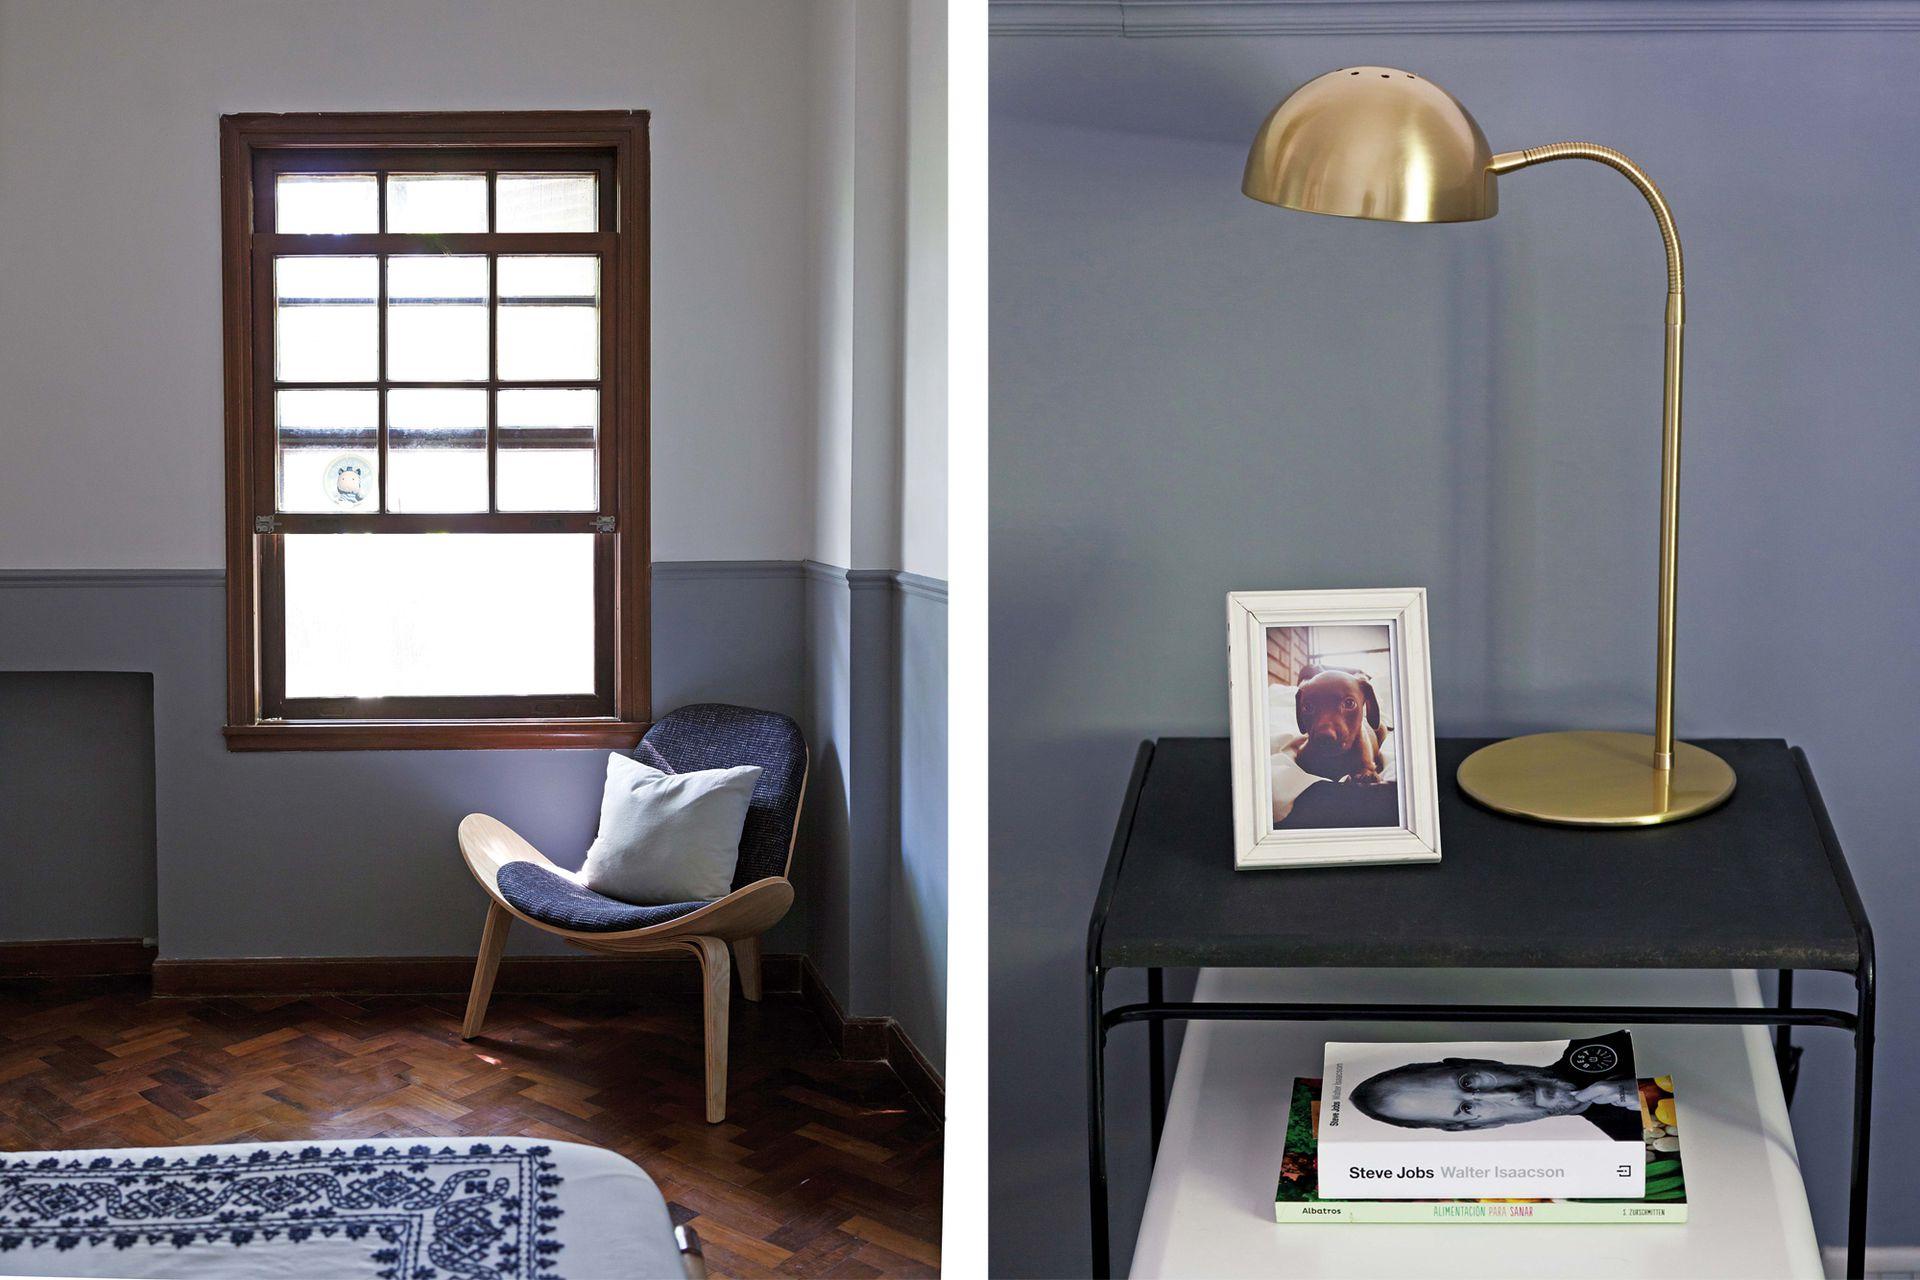 Poltrona 'Hansen' (Kikely). Veladores de bronce (Astor Luces) y mesa de luz 'Olivia' (Pennsylvania Interiorismo).